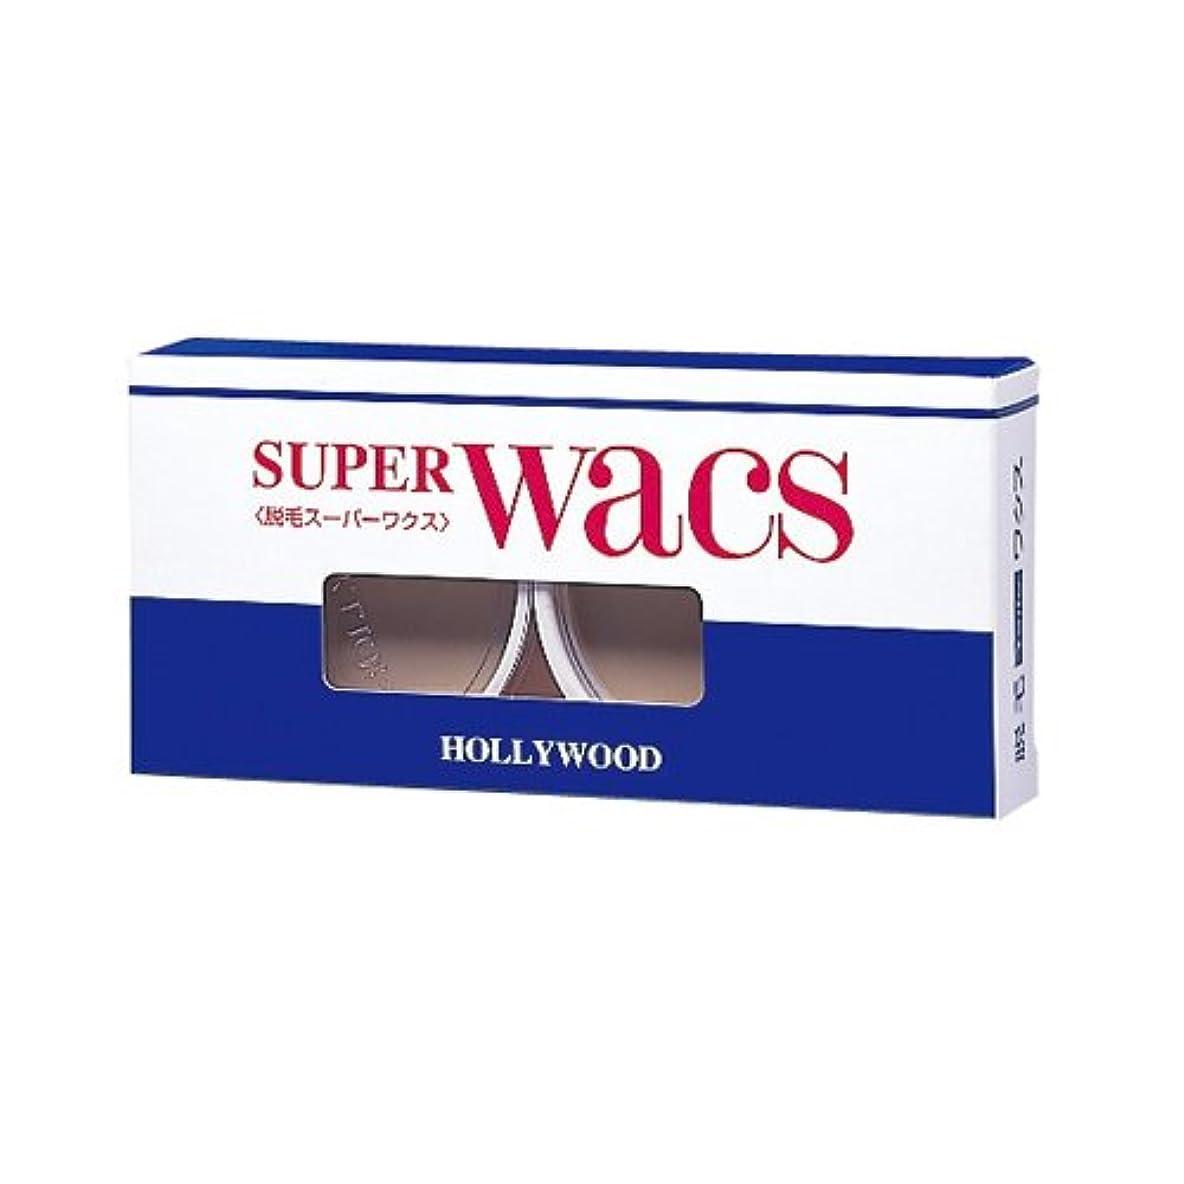 理容室唯物論すりハリウッド 脱毛スーパーワクス (強力) (50g × 2)